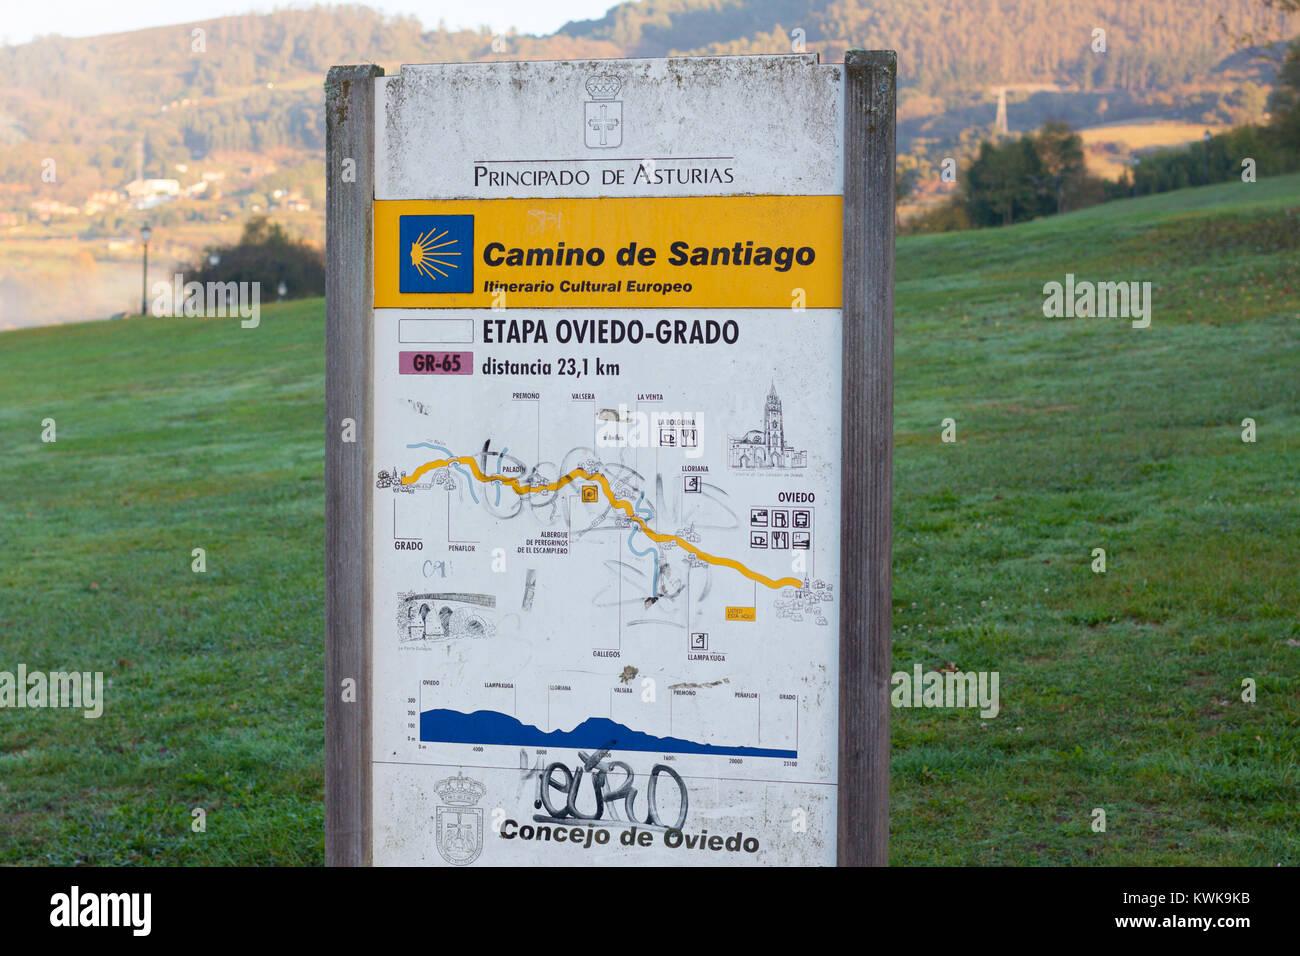 OVIEDO, SPAIN - OCTOBER 31, 2017: Oviedo - Grado stage milestone on the way of Saint James (Camino de Santiago). - Stock Image